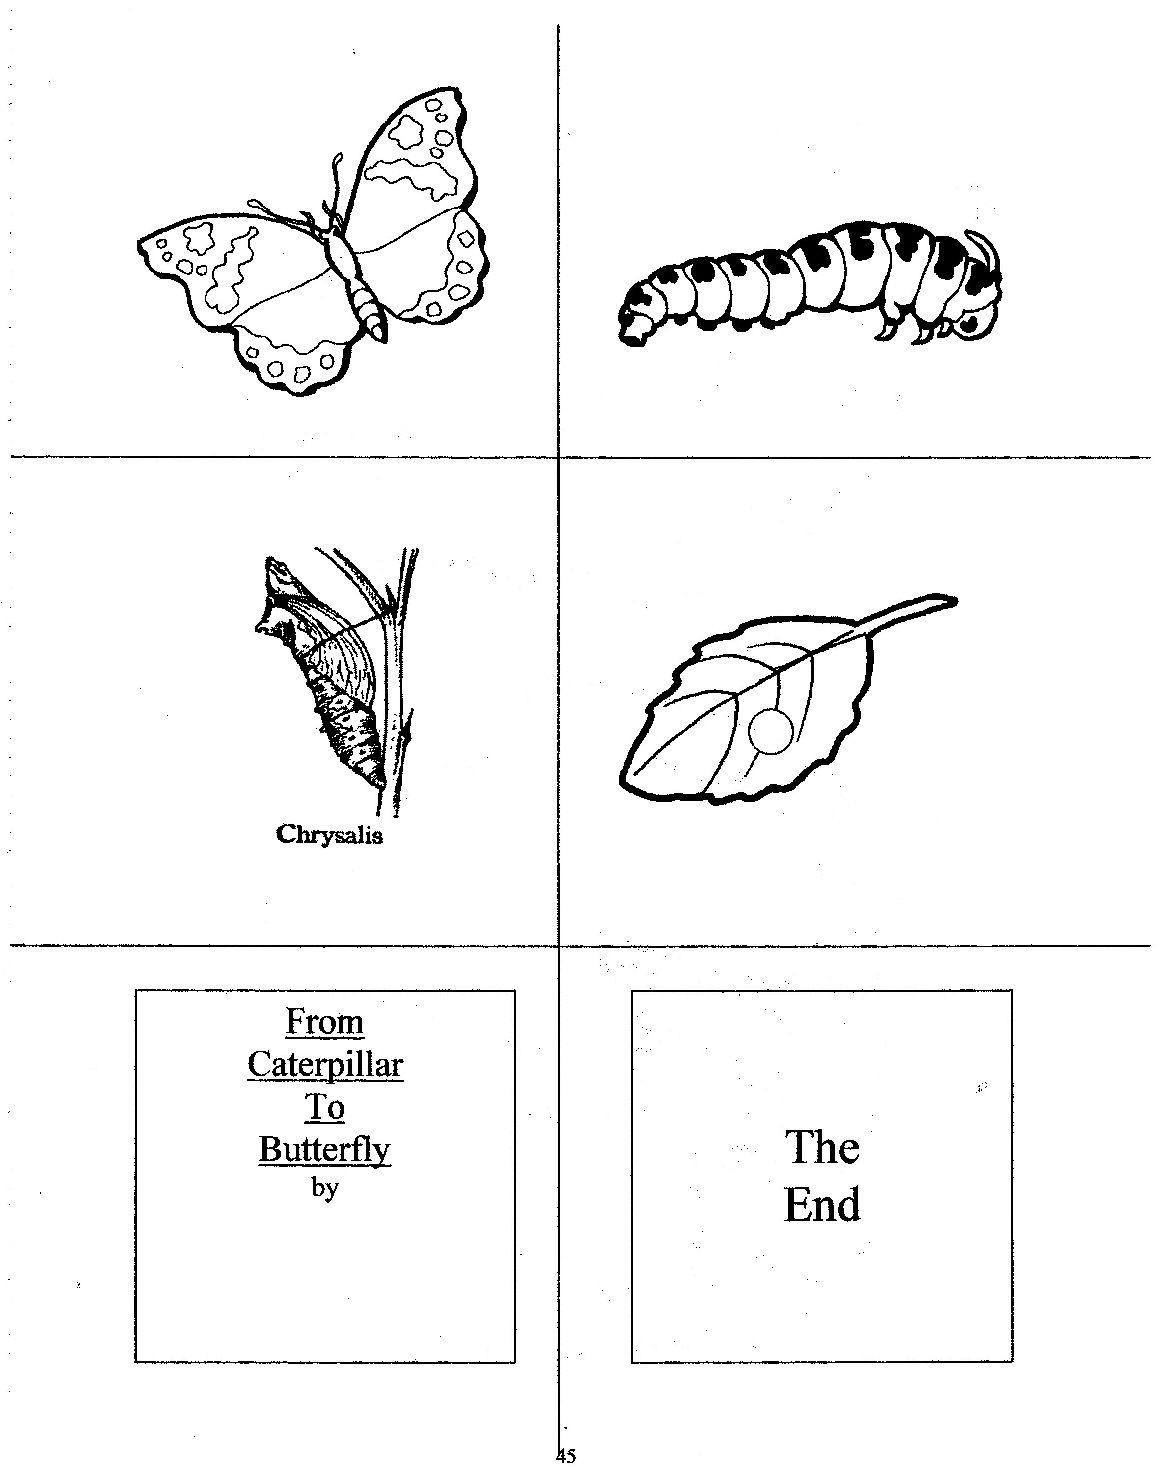 Erfly Sequencing Worksheet For Preschoolers Erfly Best Free Printable Worksheets